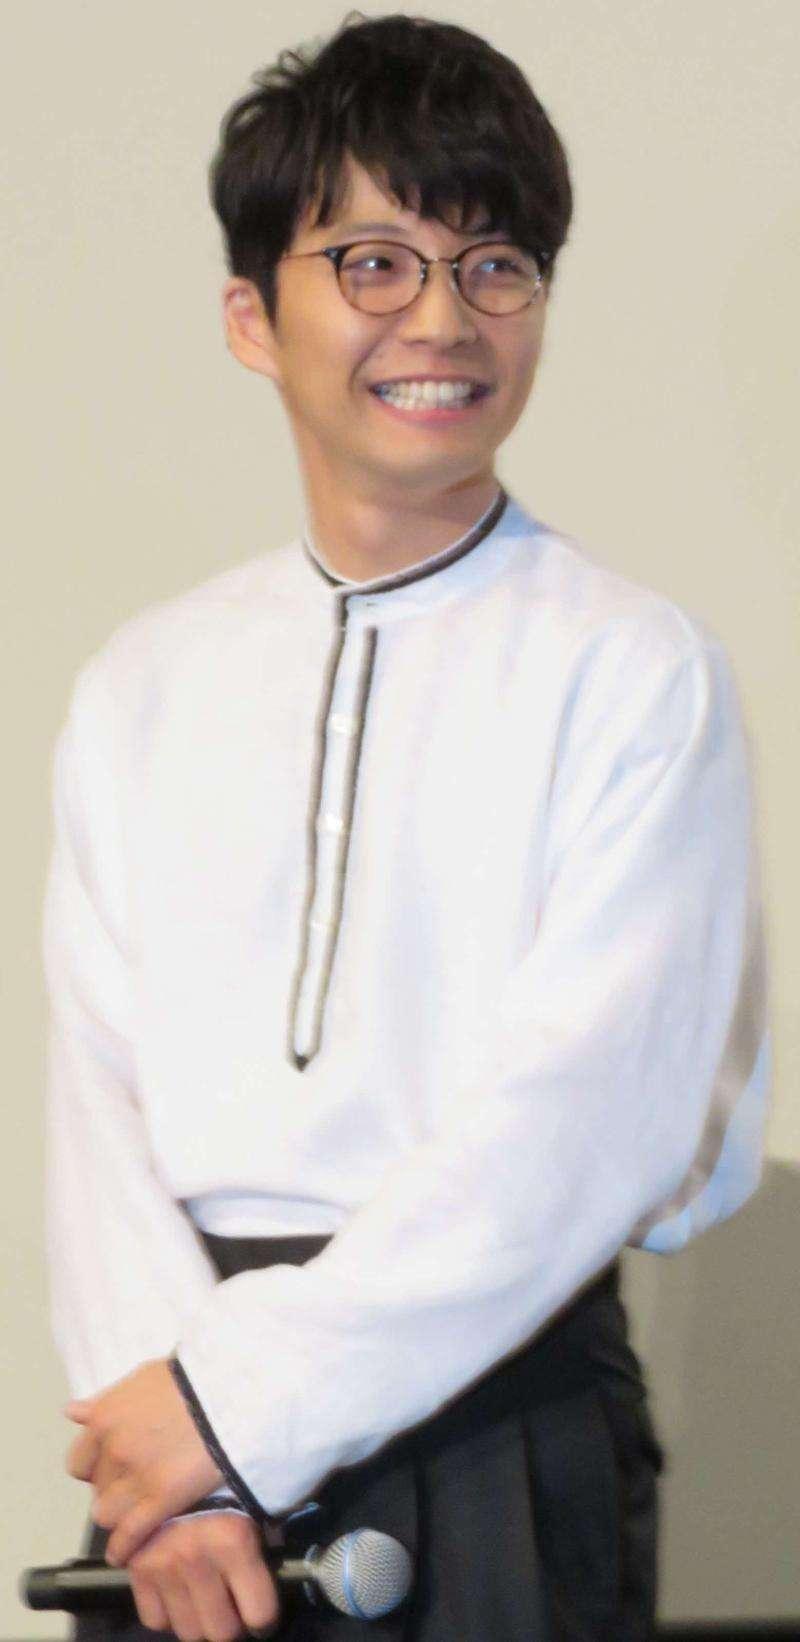 星野源、アニメ映画主演「ちょっとだけ歌います」 - 芸能 : 日刊スポーツ